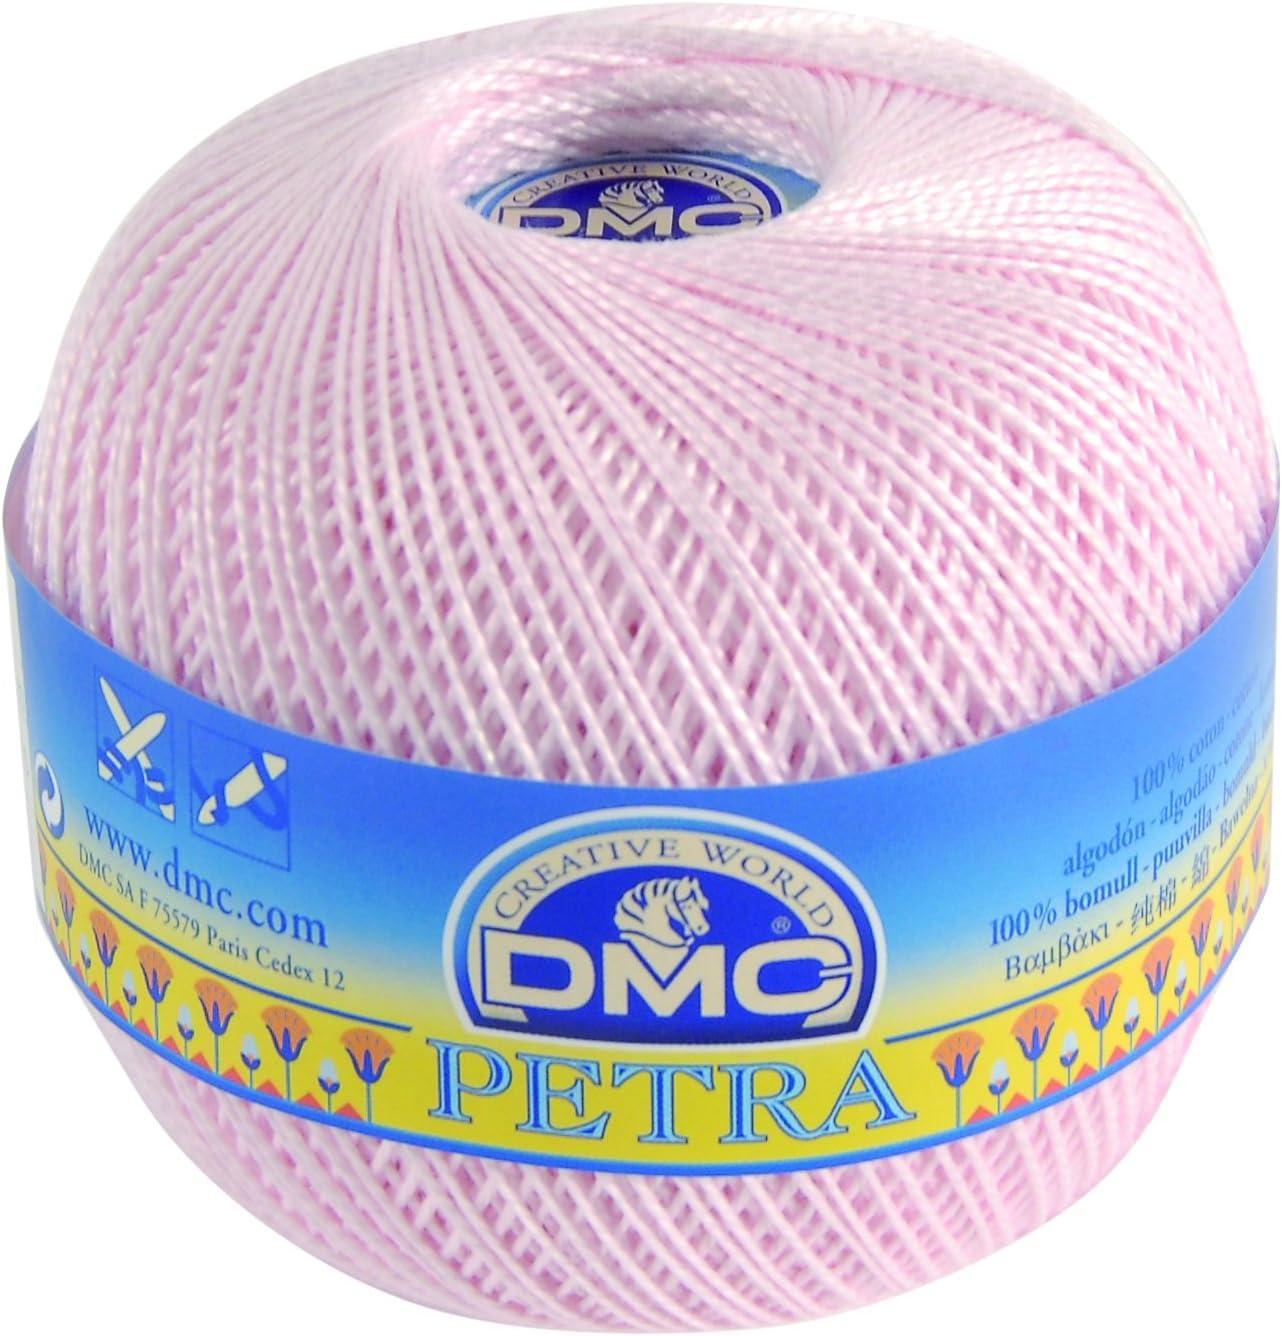 DMC Ovillo de Hilo de algodón 100%, Color Rosa, Talla Cinco, Modelo «Petra»: Amazon.es: Hogar